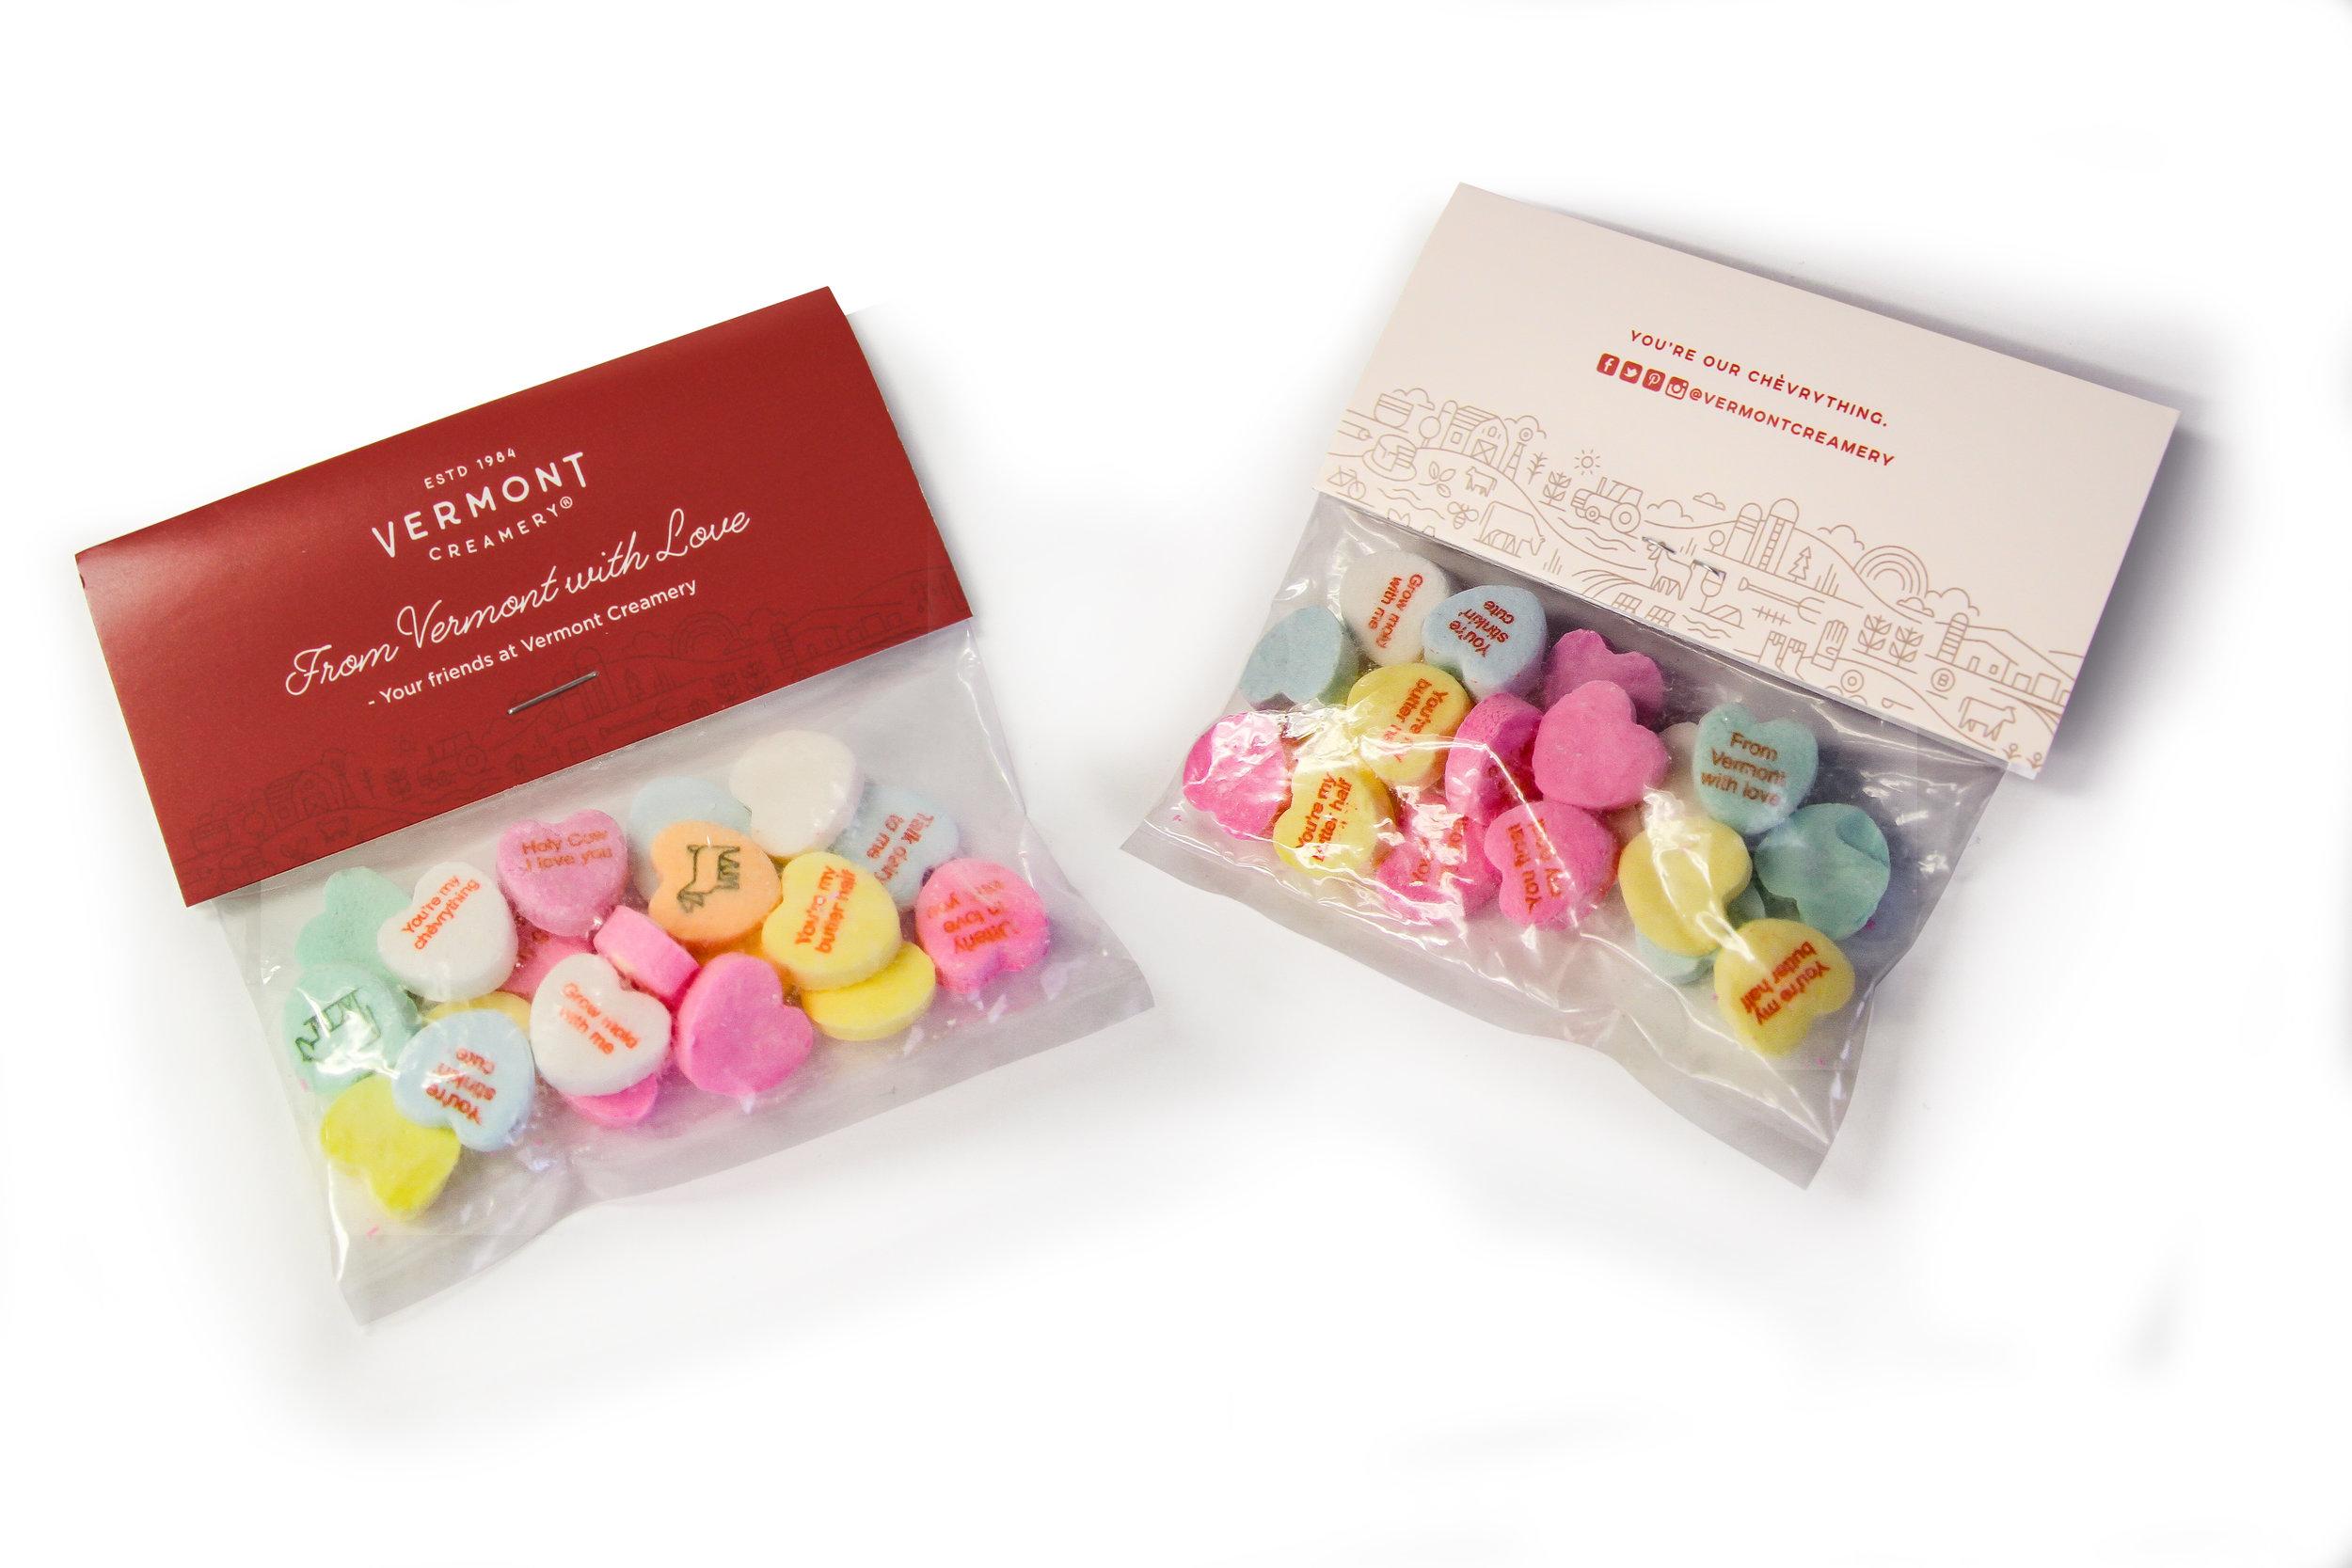 Vermont Creamery Valentine's Day Candies